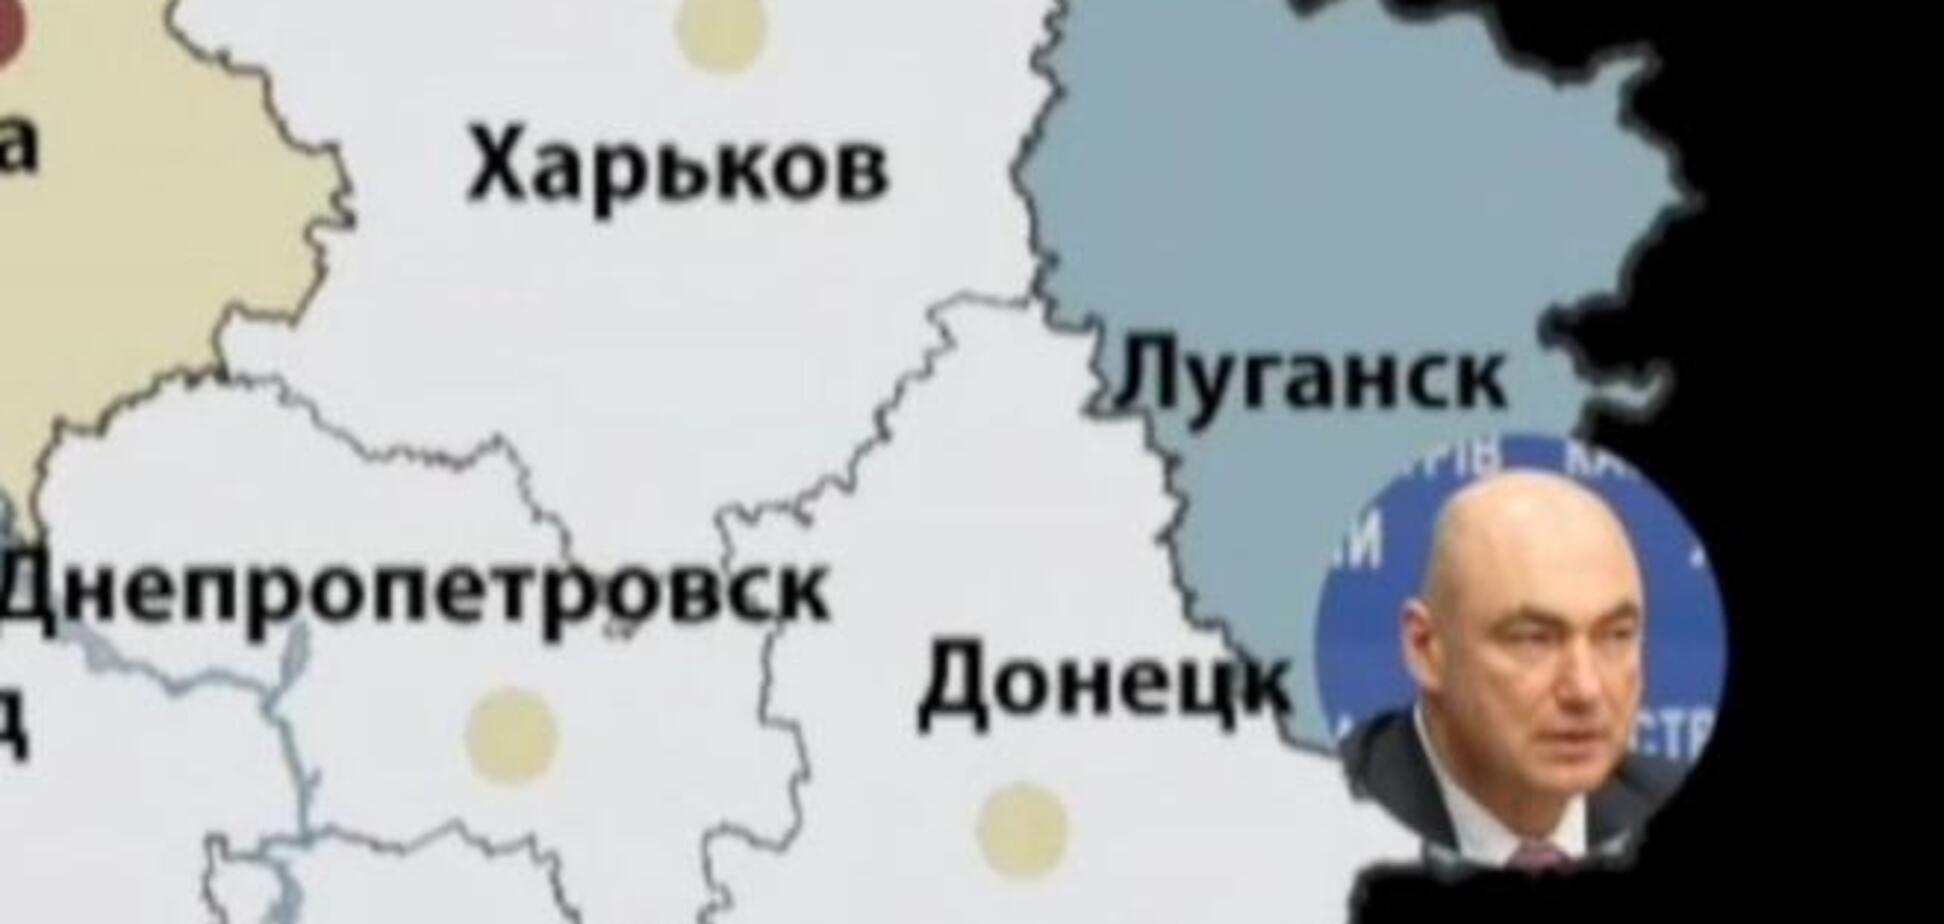 СМИ: Первый заместитель Авакова может быть причастен к провалу АТО на востоке Украины